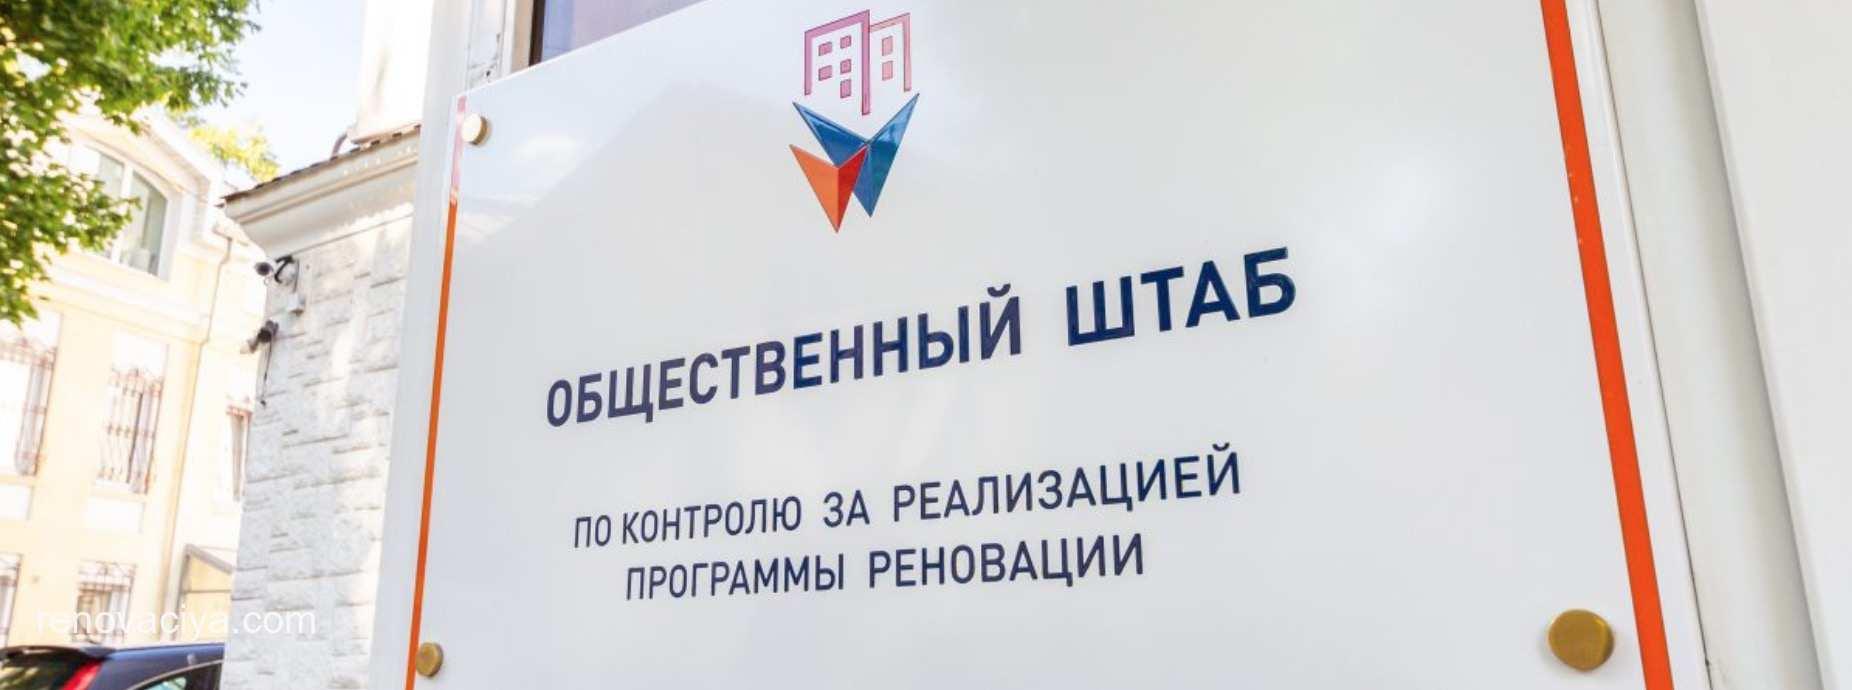 График приёма граждан в Общественном штабе